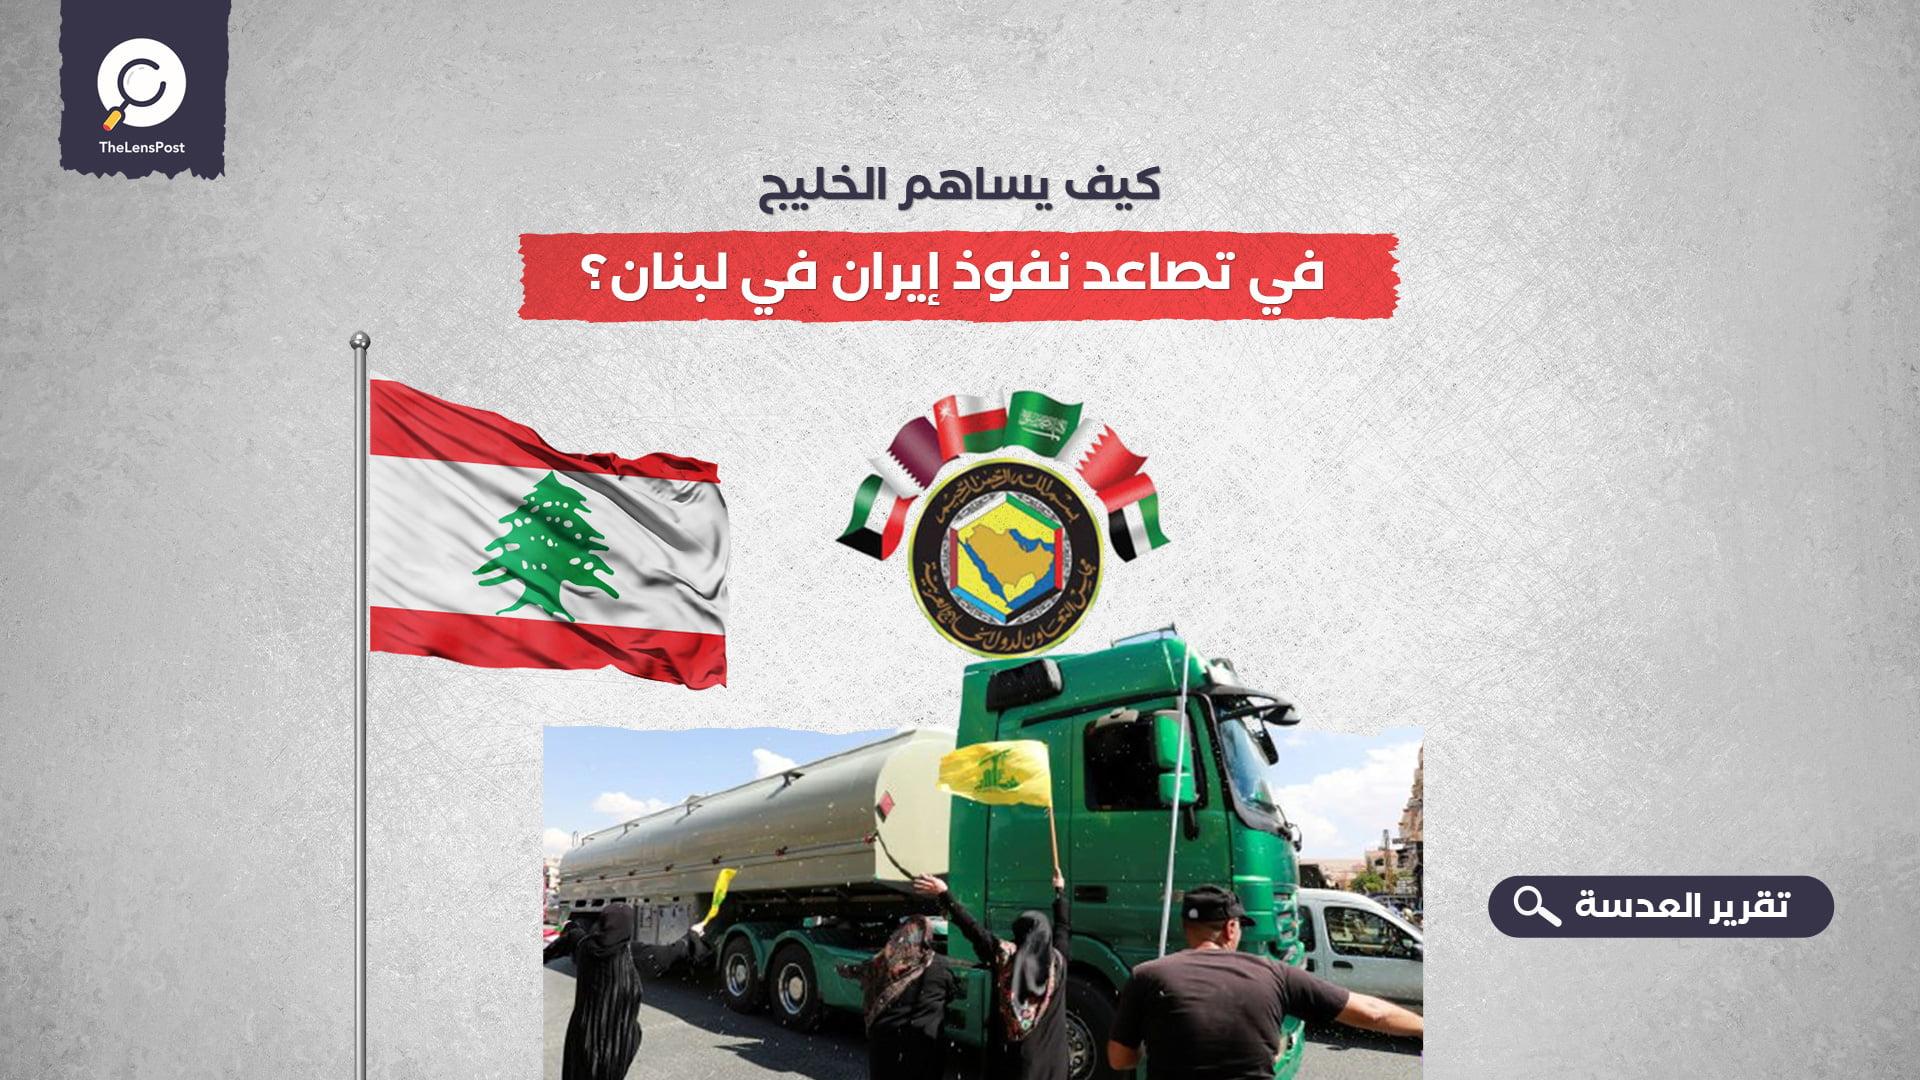 كيف يساهم الخليج في تصاعد نفوذ إيران في لبنان؟